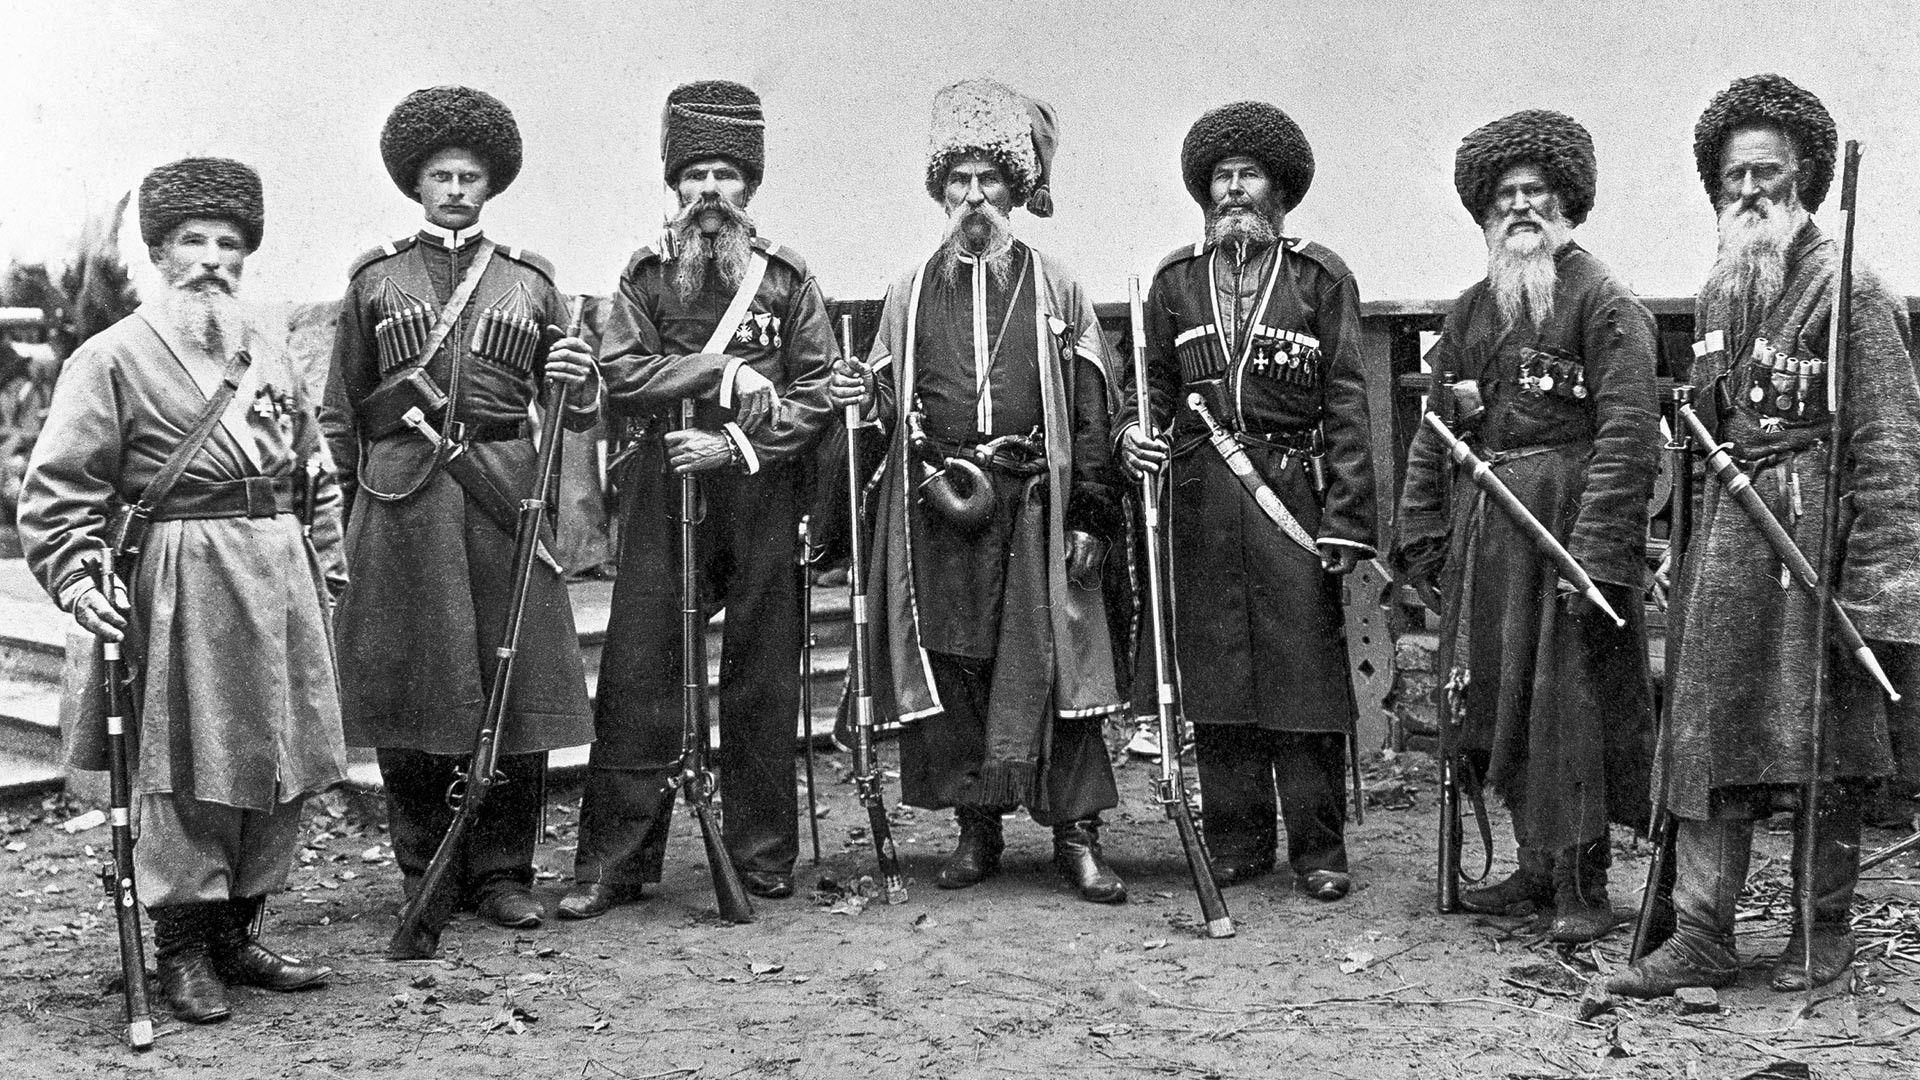 Kubanjski kozaci krajem 19. veka.